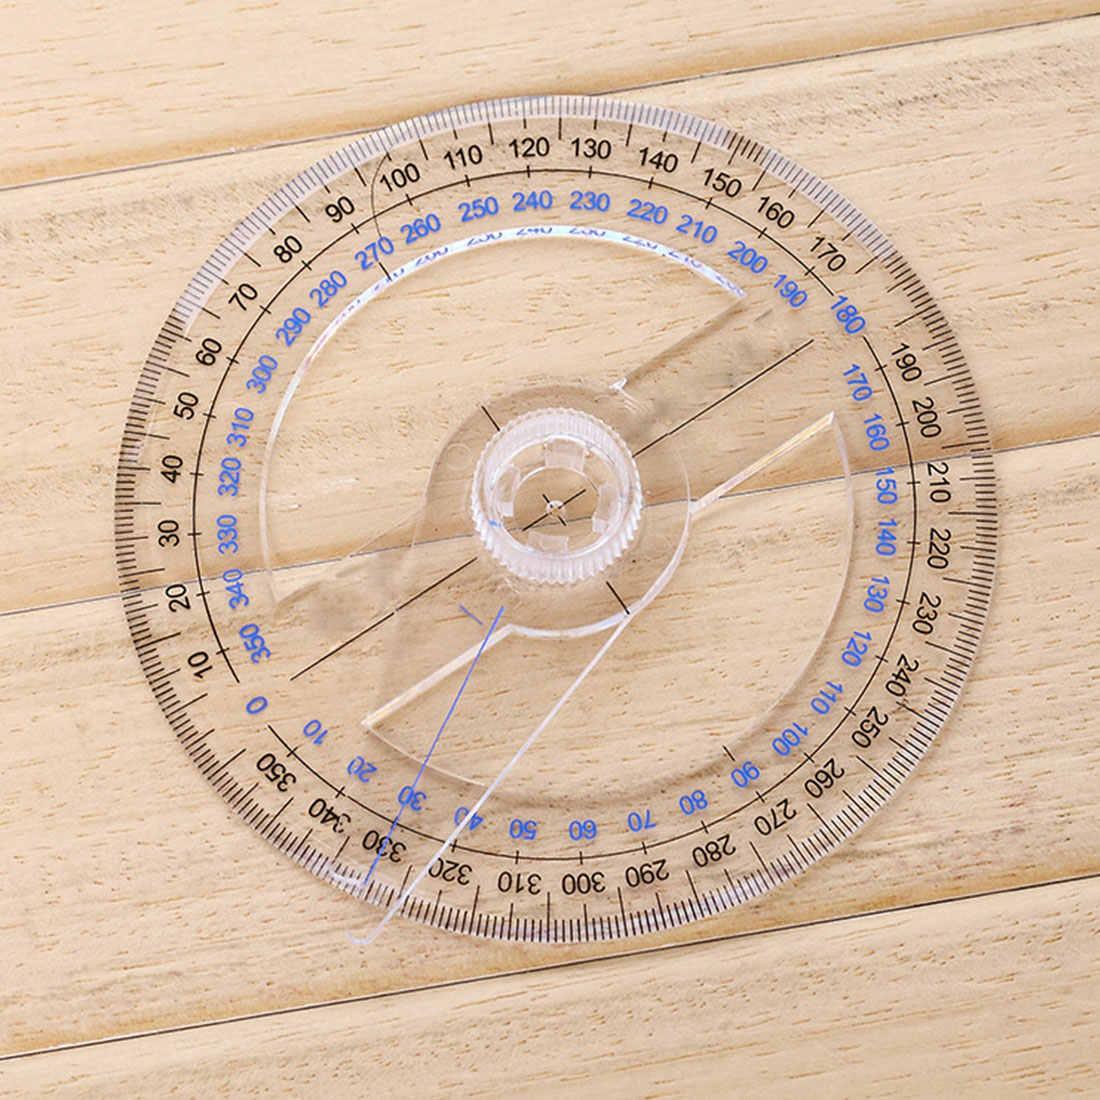 10 см пластик 360 градусов круговой указатель линейка транспортира Угол Finder